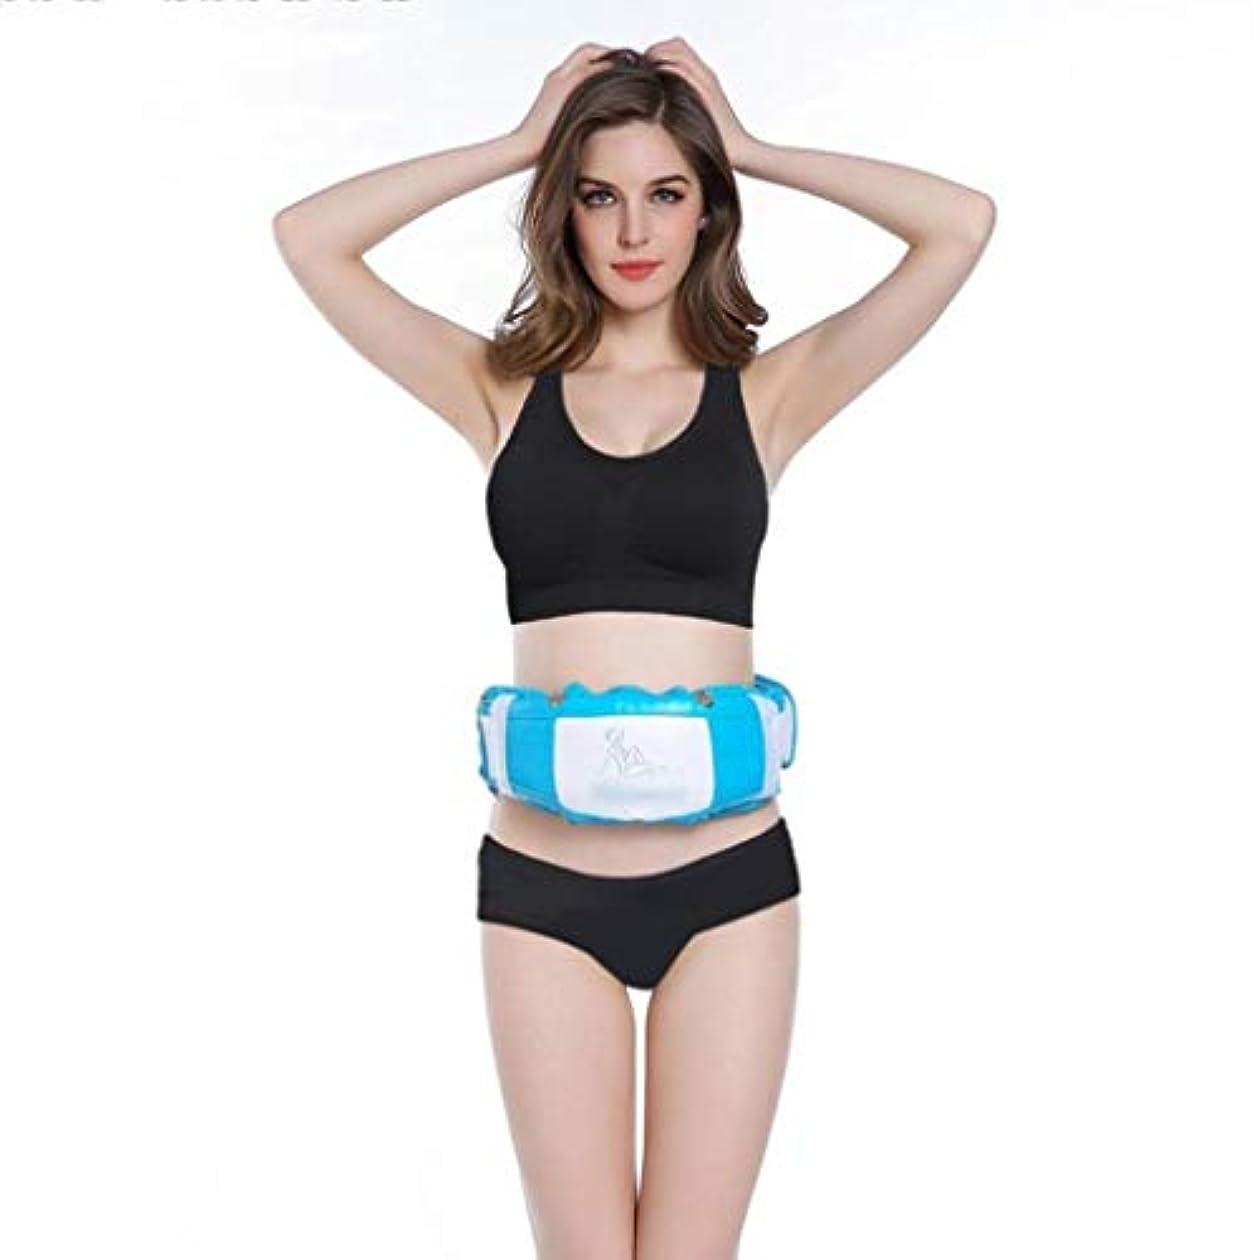 薄汚いマーチャンダイザーる体形Slim身ベルト、Slim身マシン、スポーツSlim身機器、細いウエストと細い腹、調整可能なフィットネスウエスト振動ベルト、男性と女性の減量機